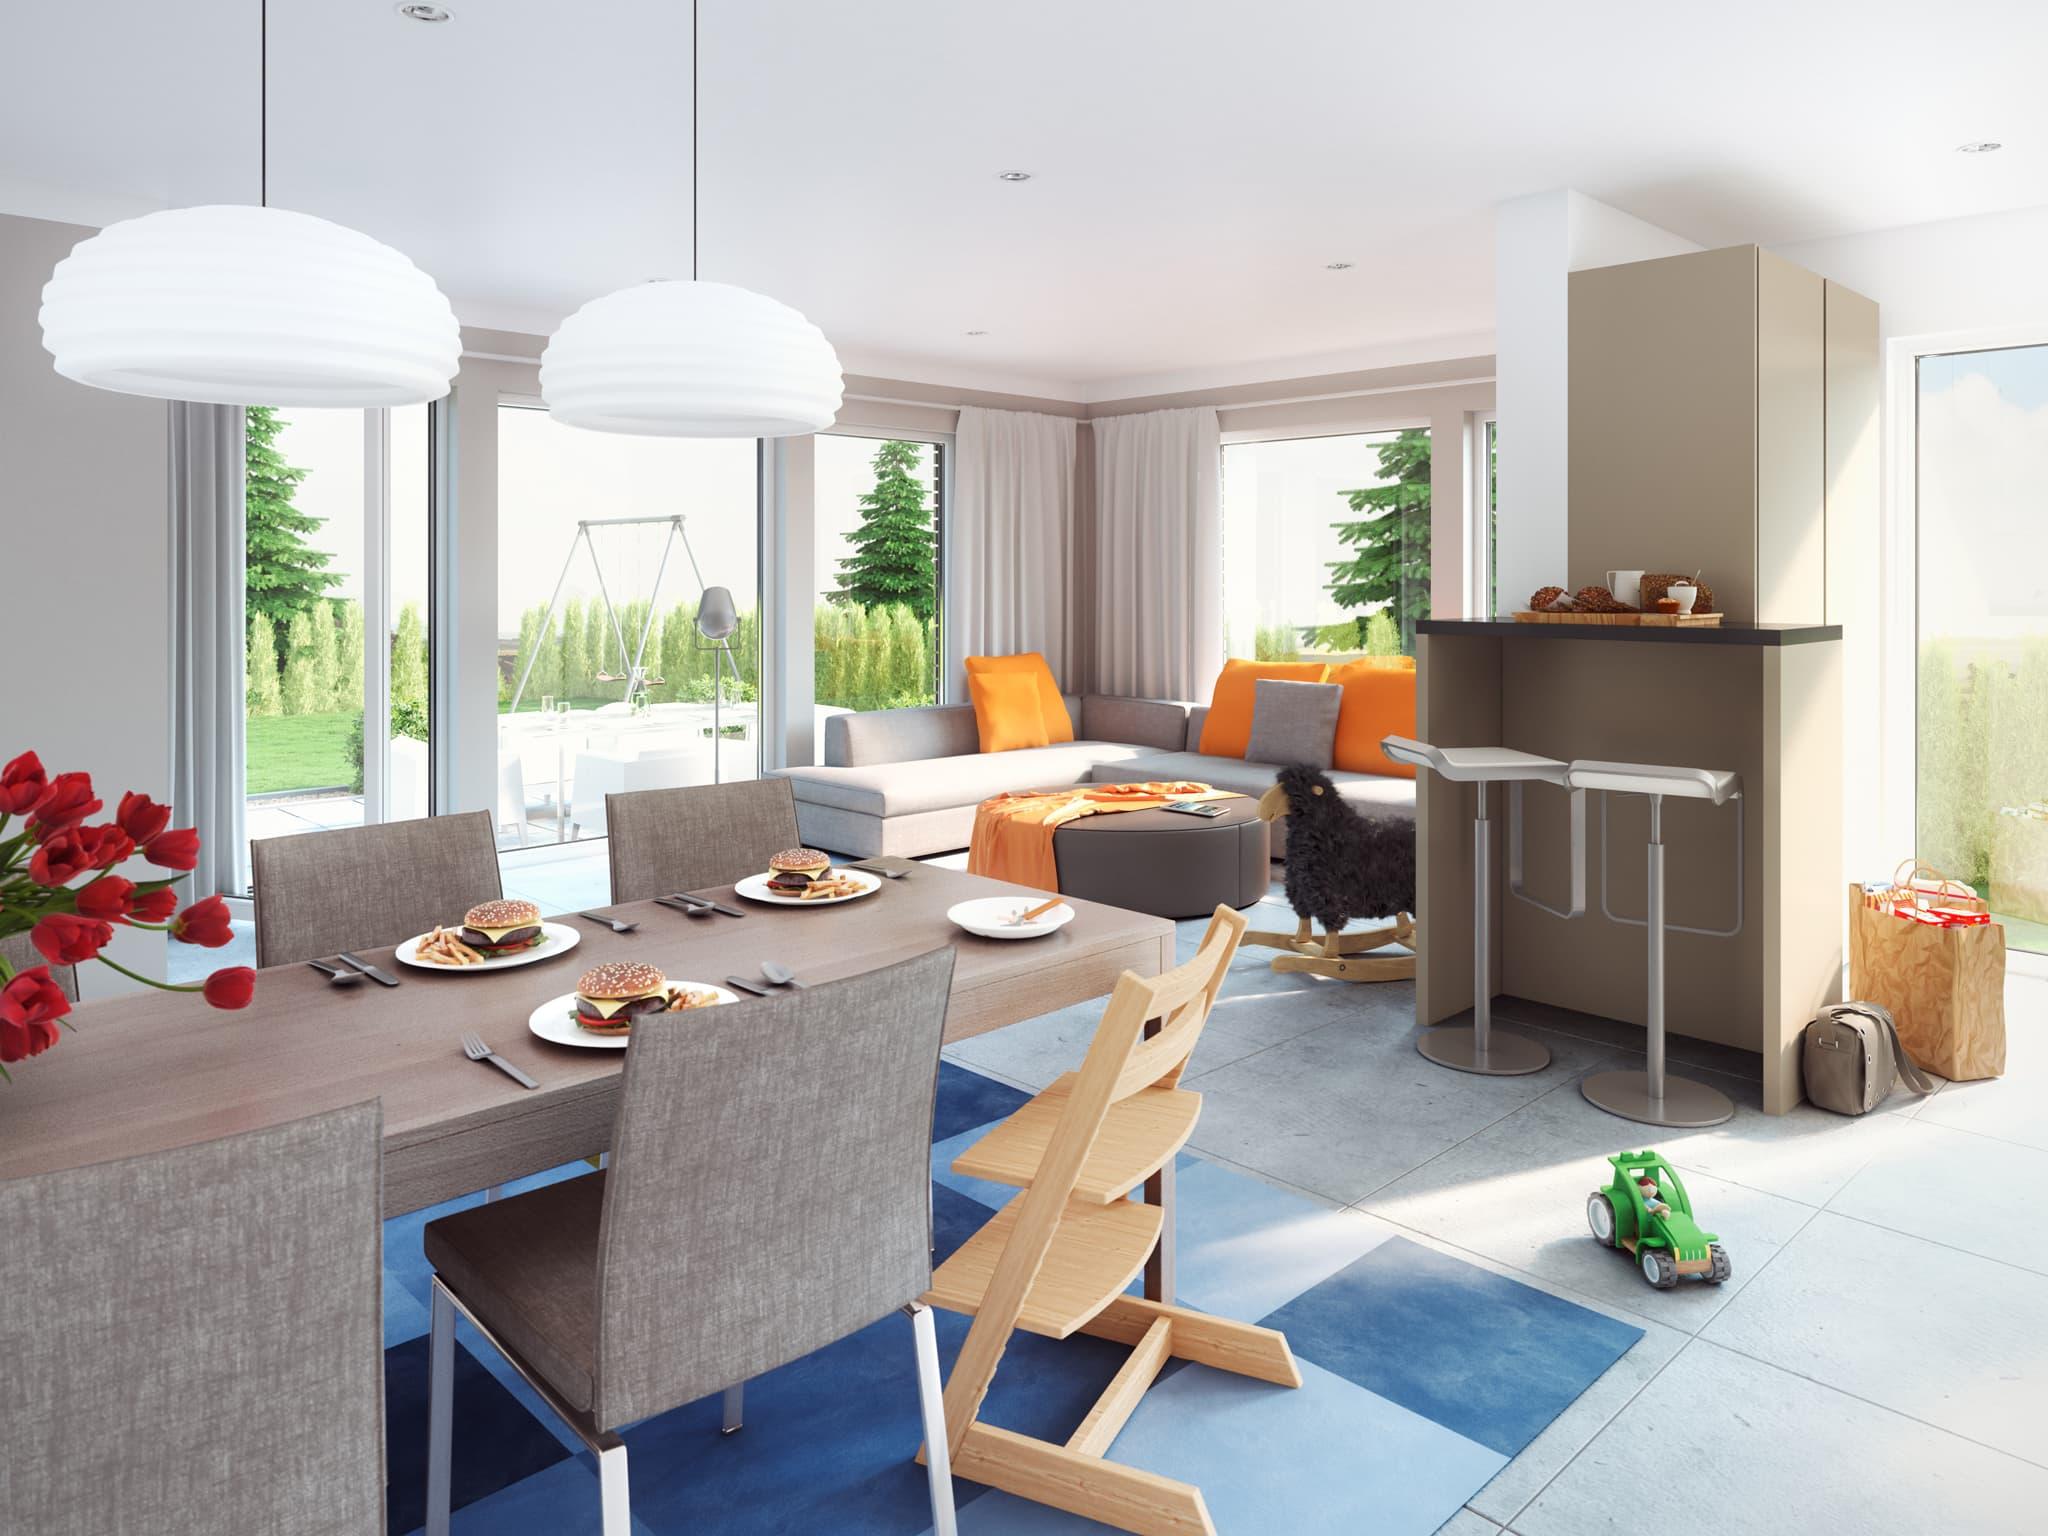 Wohn-Esszimmer - Ideen Inneneinrichtung Living Haus SOLUTION 183 V5 - HausbauDirekt.de